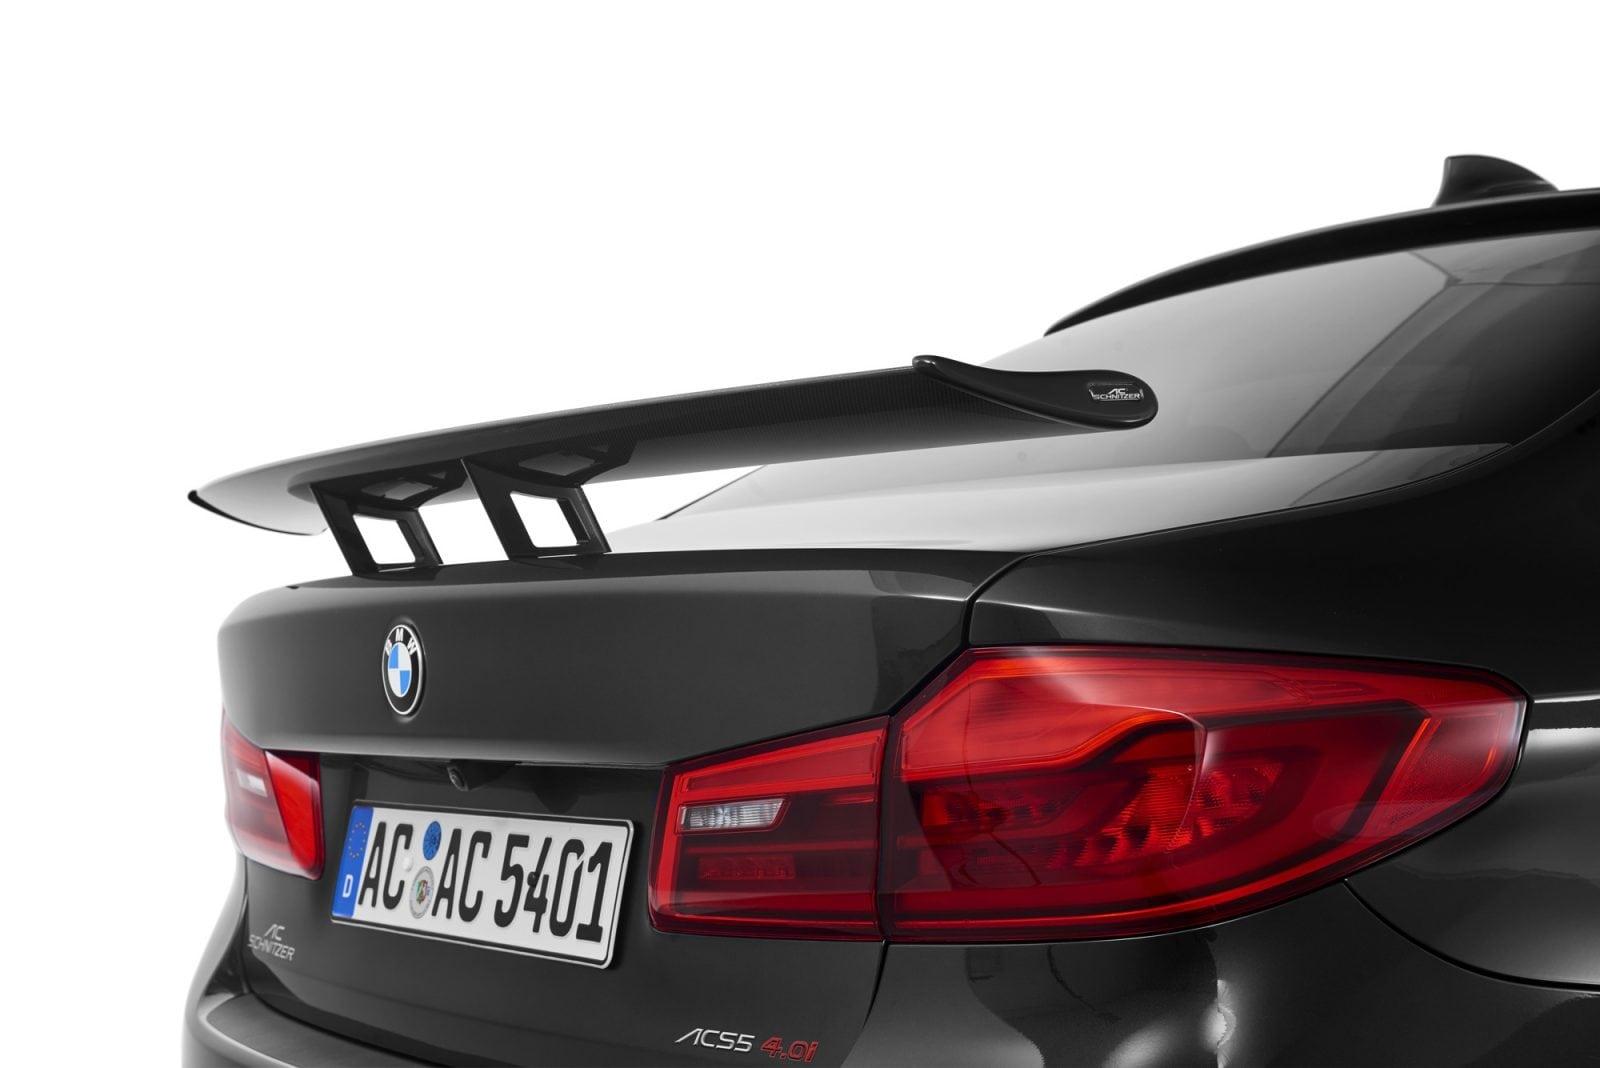 BMW 5 Series G30 2017 от AC Schnitzer: тюнеры из Ахена заметно прибавили мощности новой пятой серии BMW